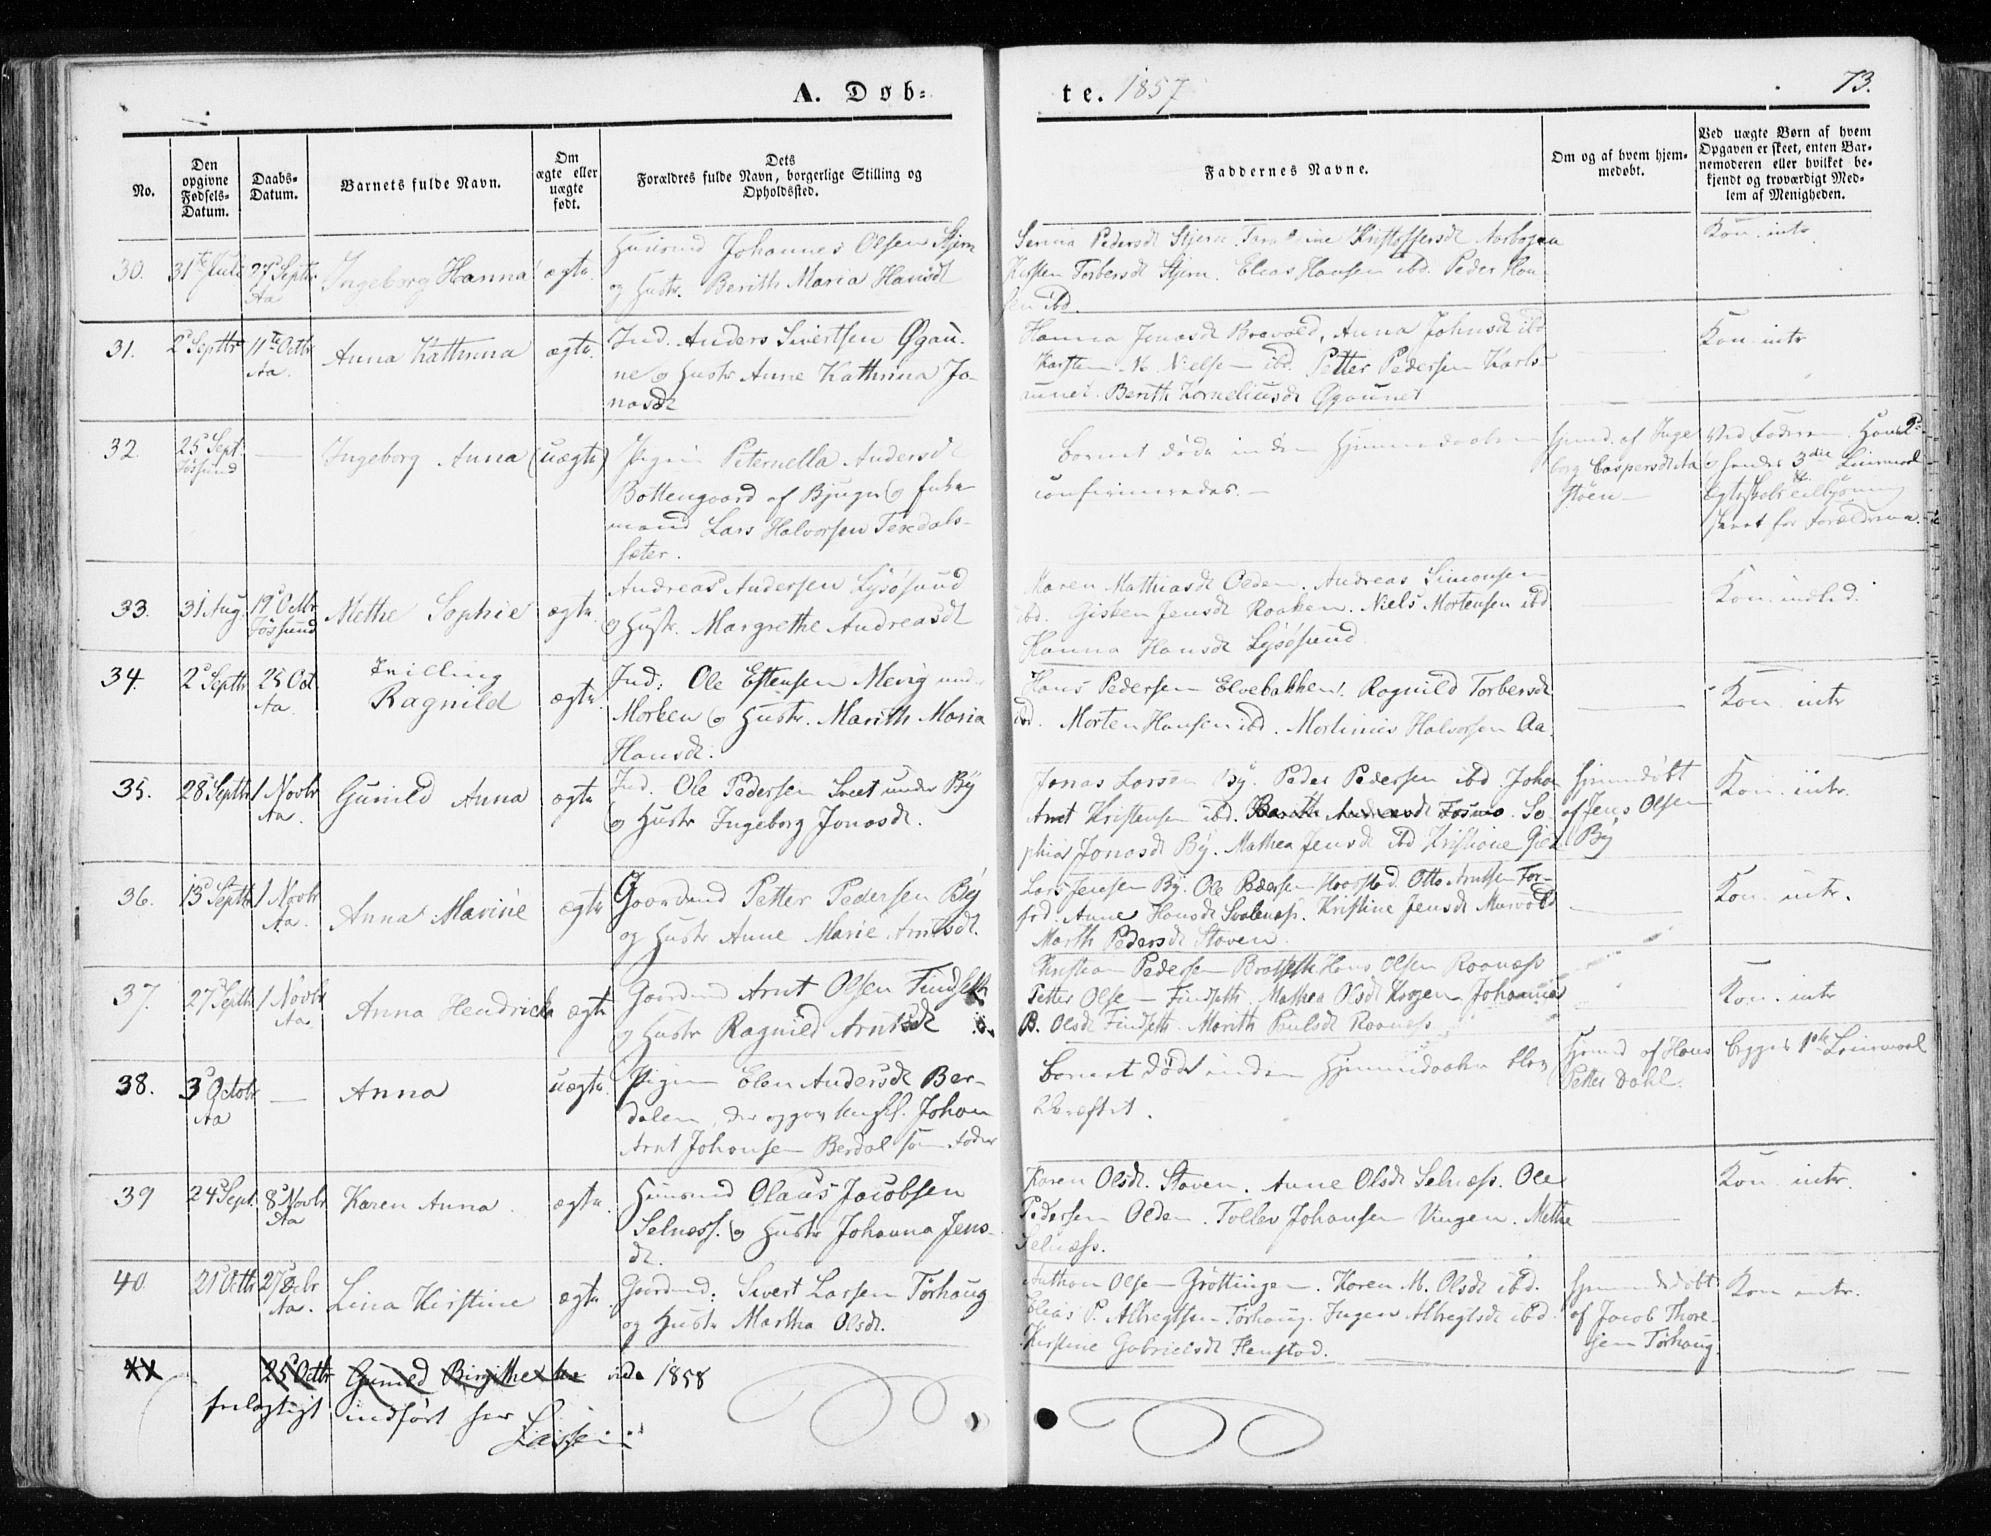 SAT, Ministerialprotokoller, klokkerbøker og fødselsregistre - Sør-Trøndelag, 655/L0677: Ministerialbok nr. 655A06, 1847-1860, s. 73